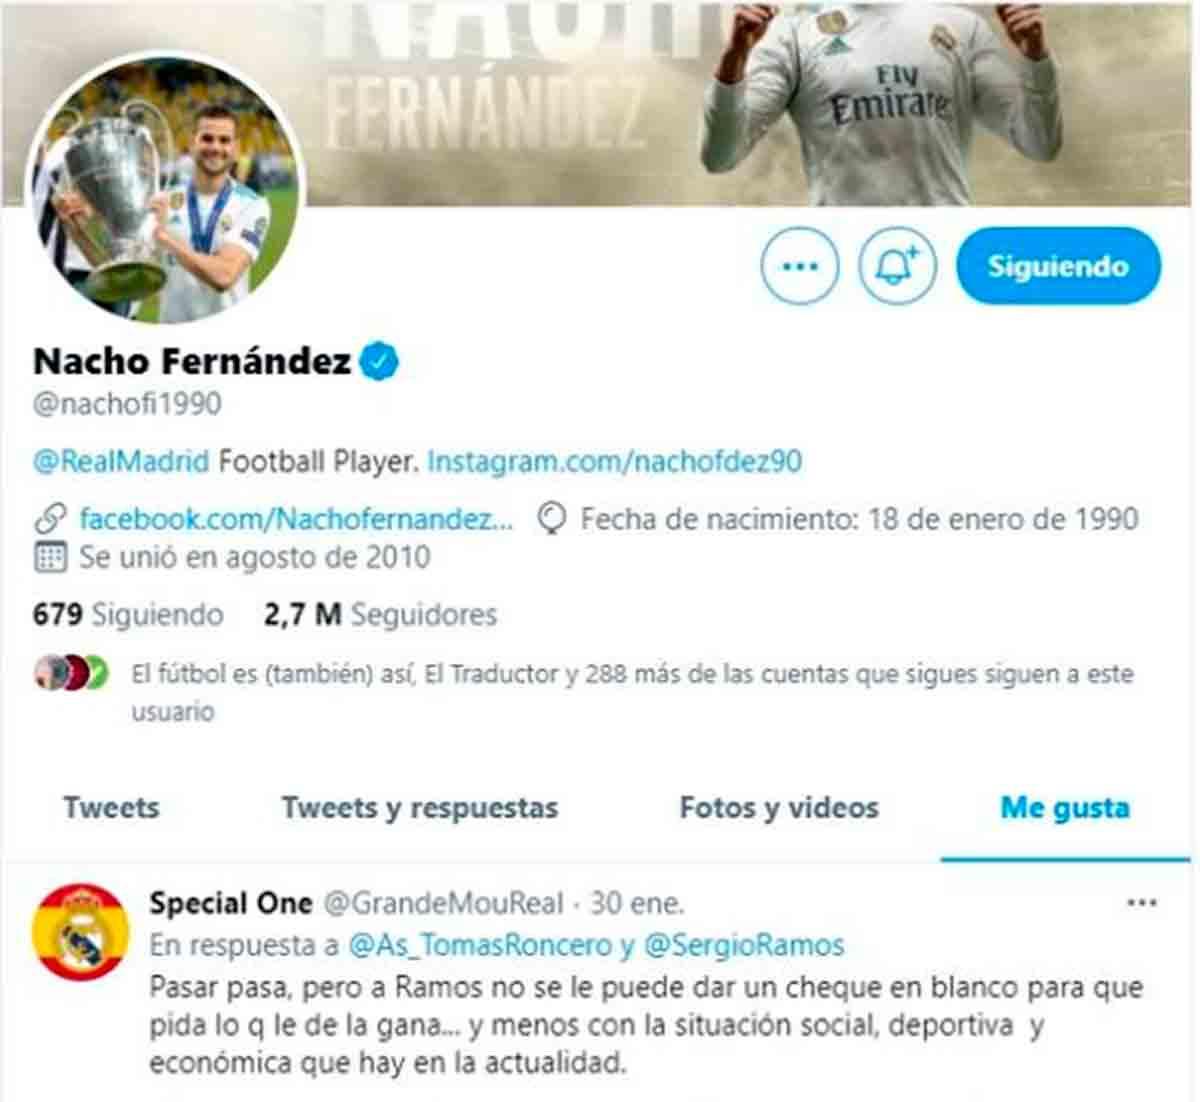 Like Nacho Renovación Ramos